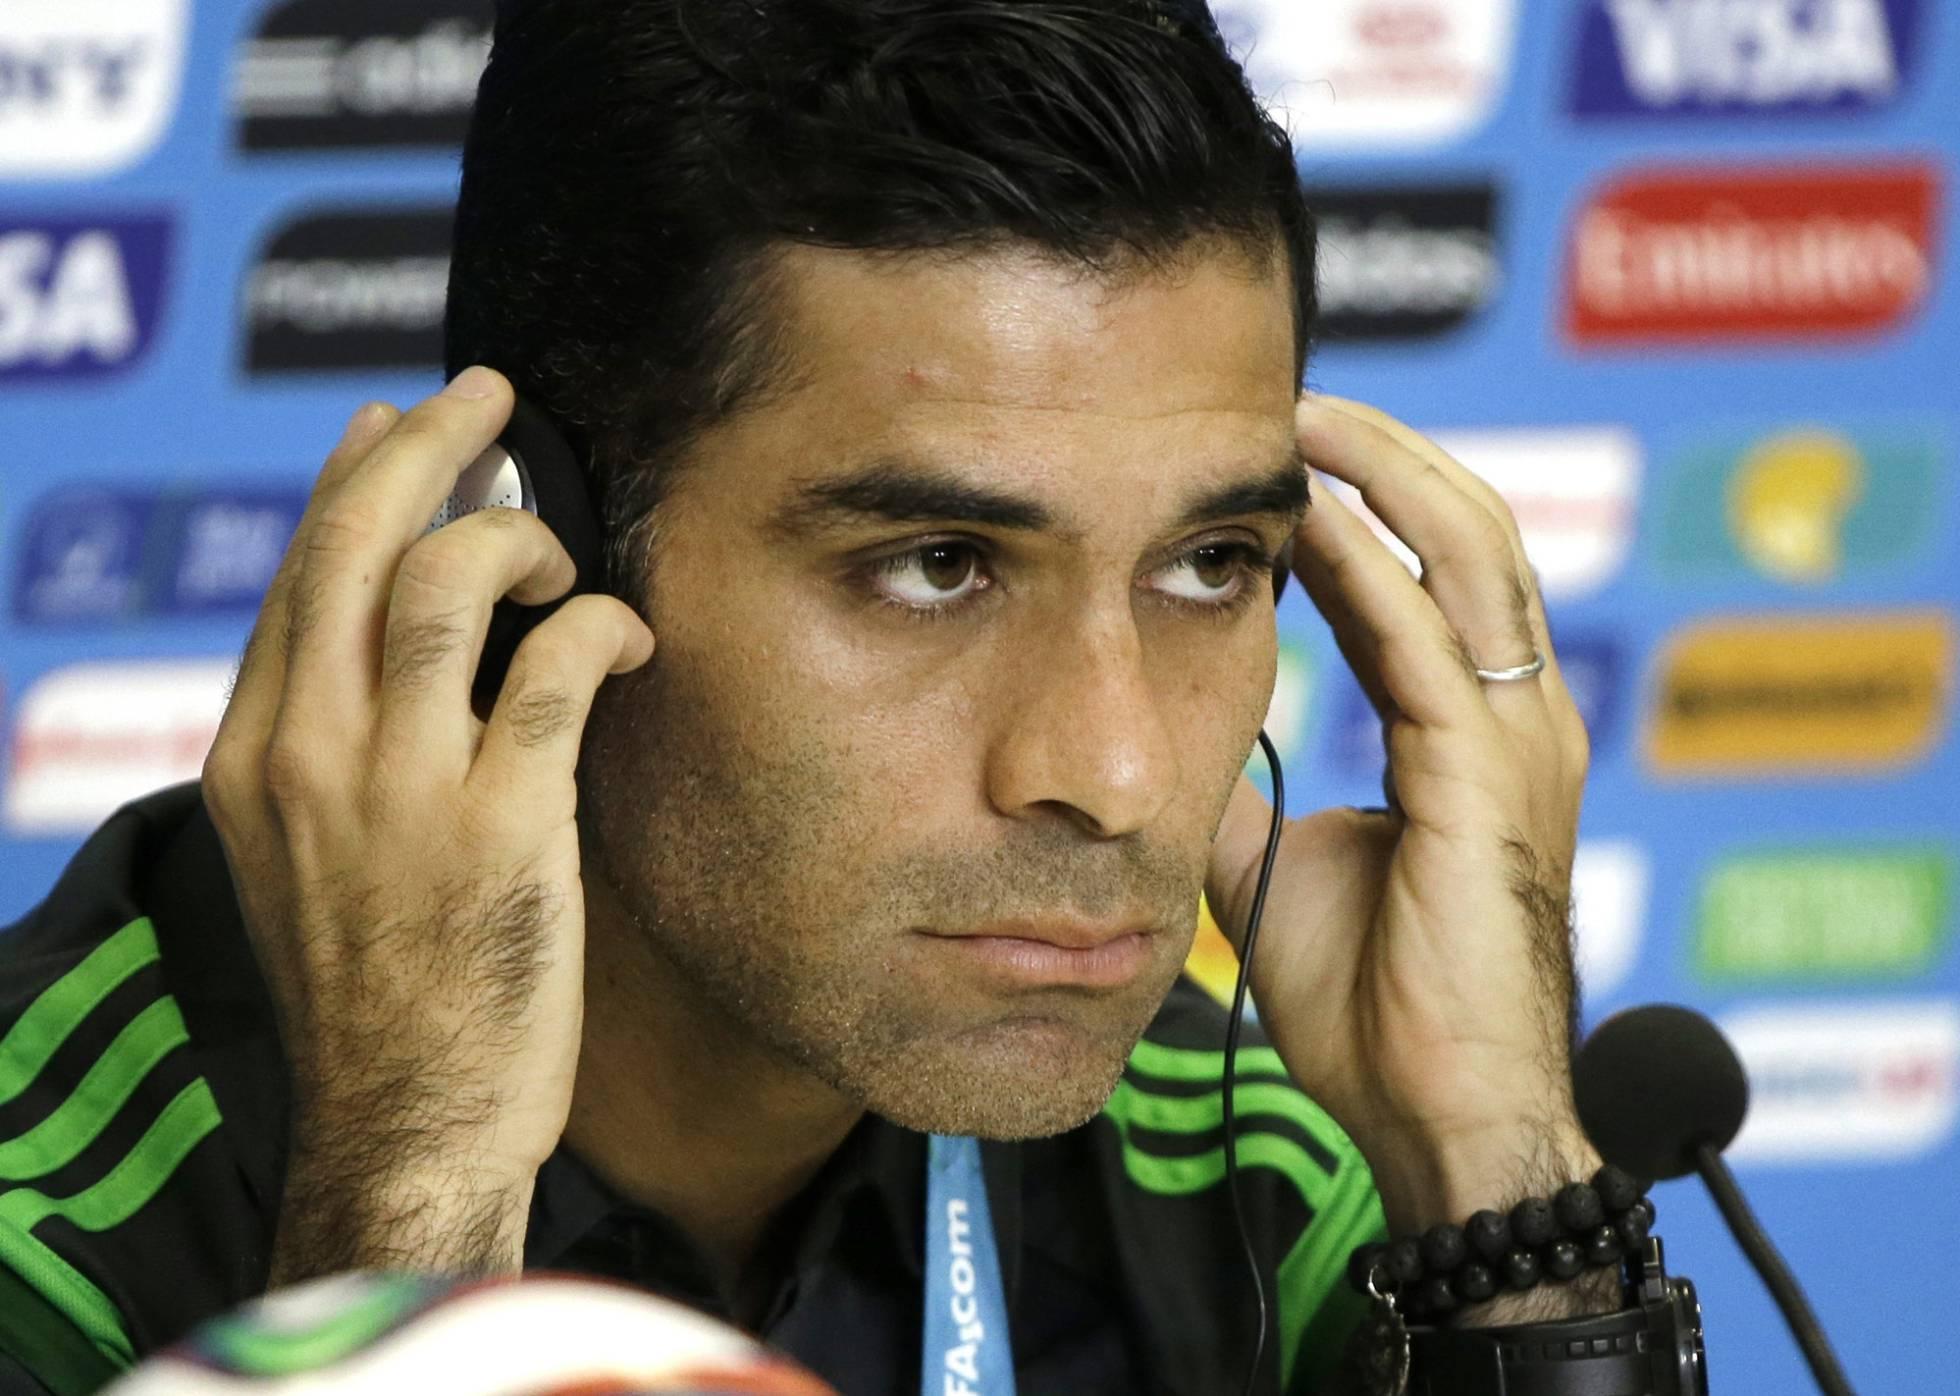 Estados Unidos sanciona al futbolista mexicano Rafael Márquez por vínculos con el narcotráfico